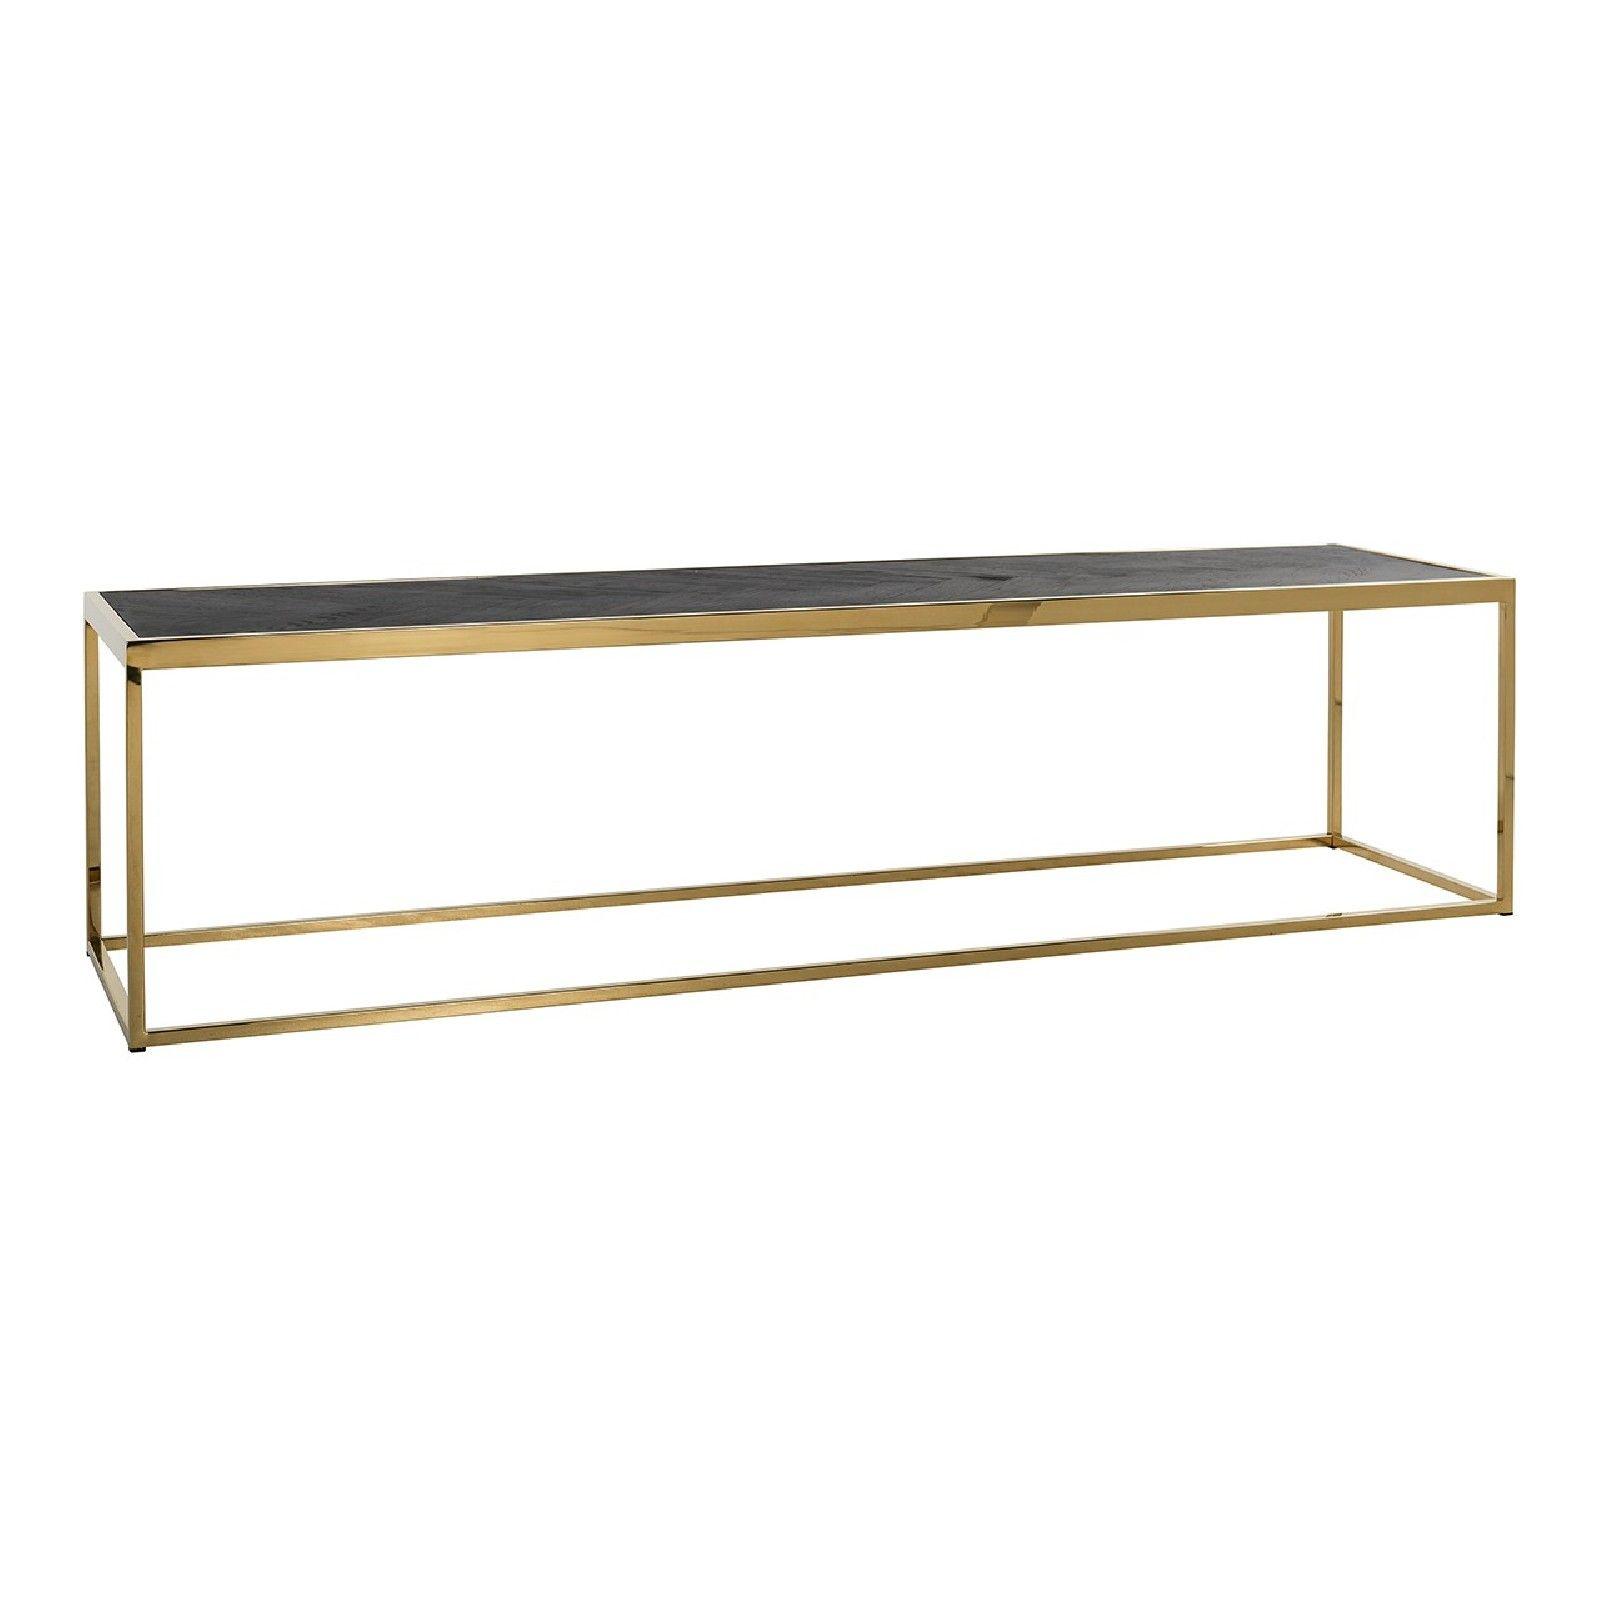 Table de salon Blackbone gold 160x40 Tables basses rectangulaires - 117